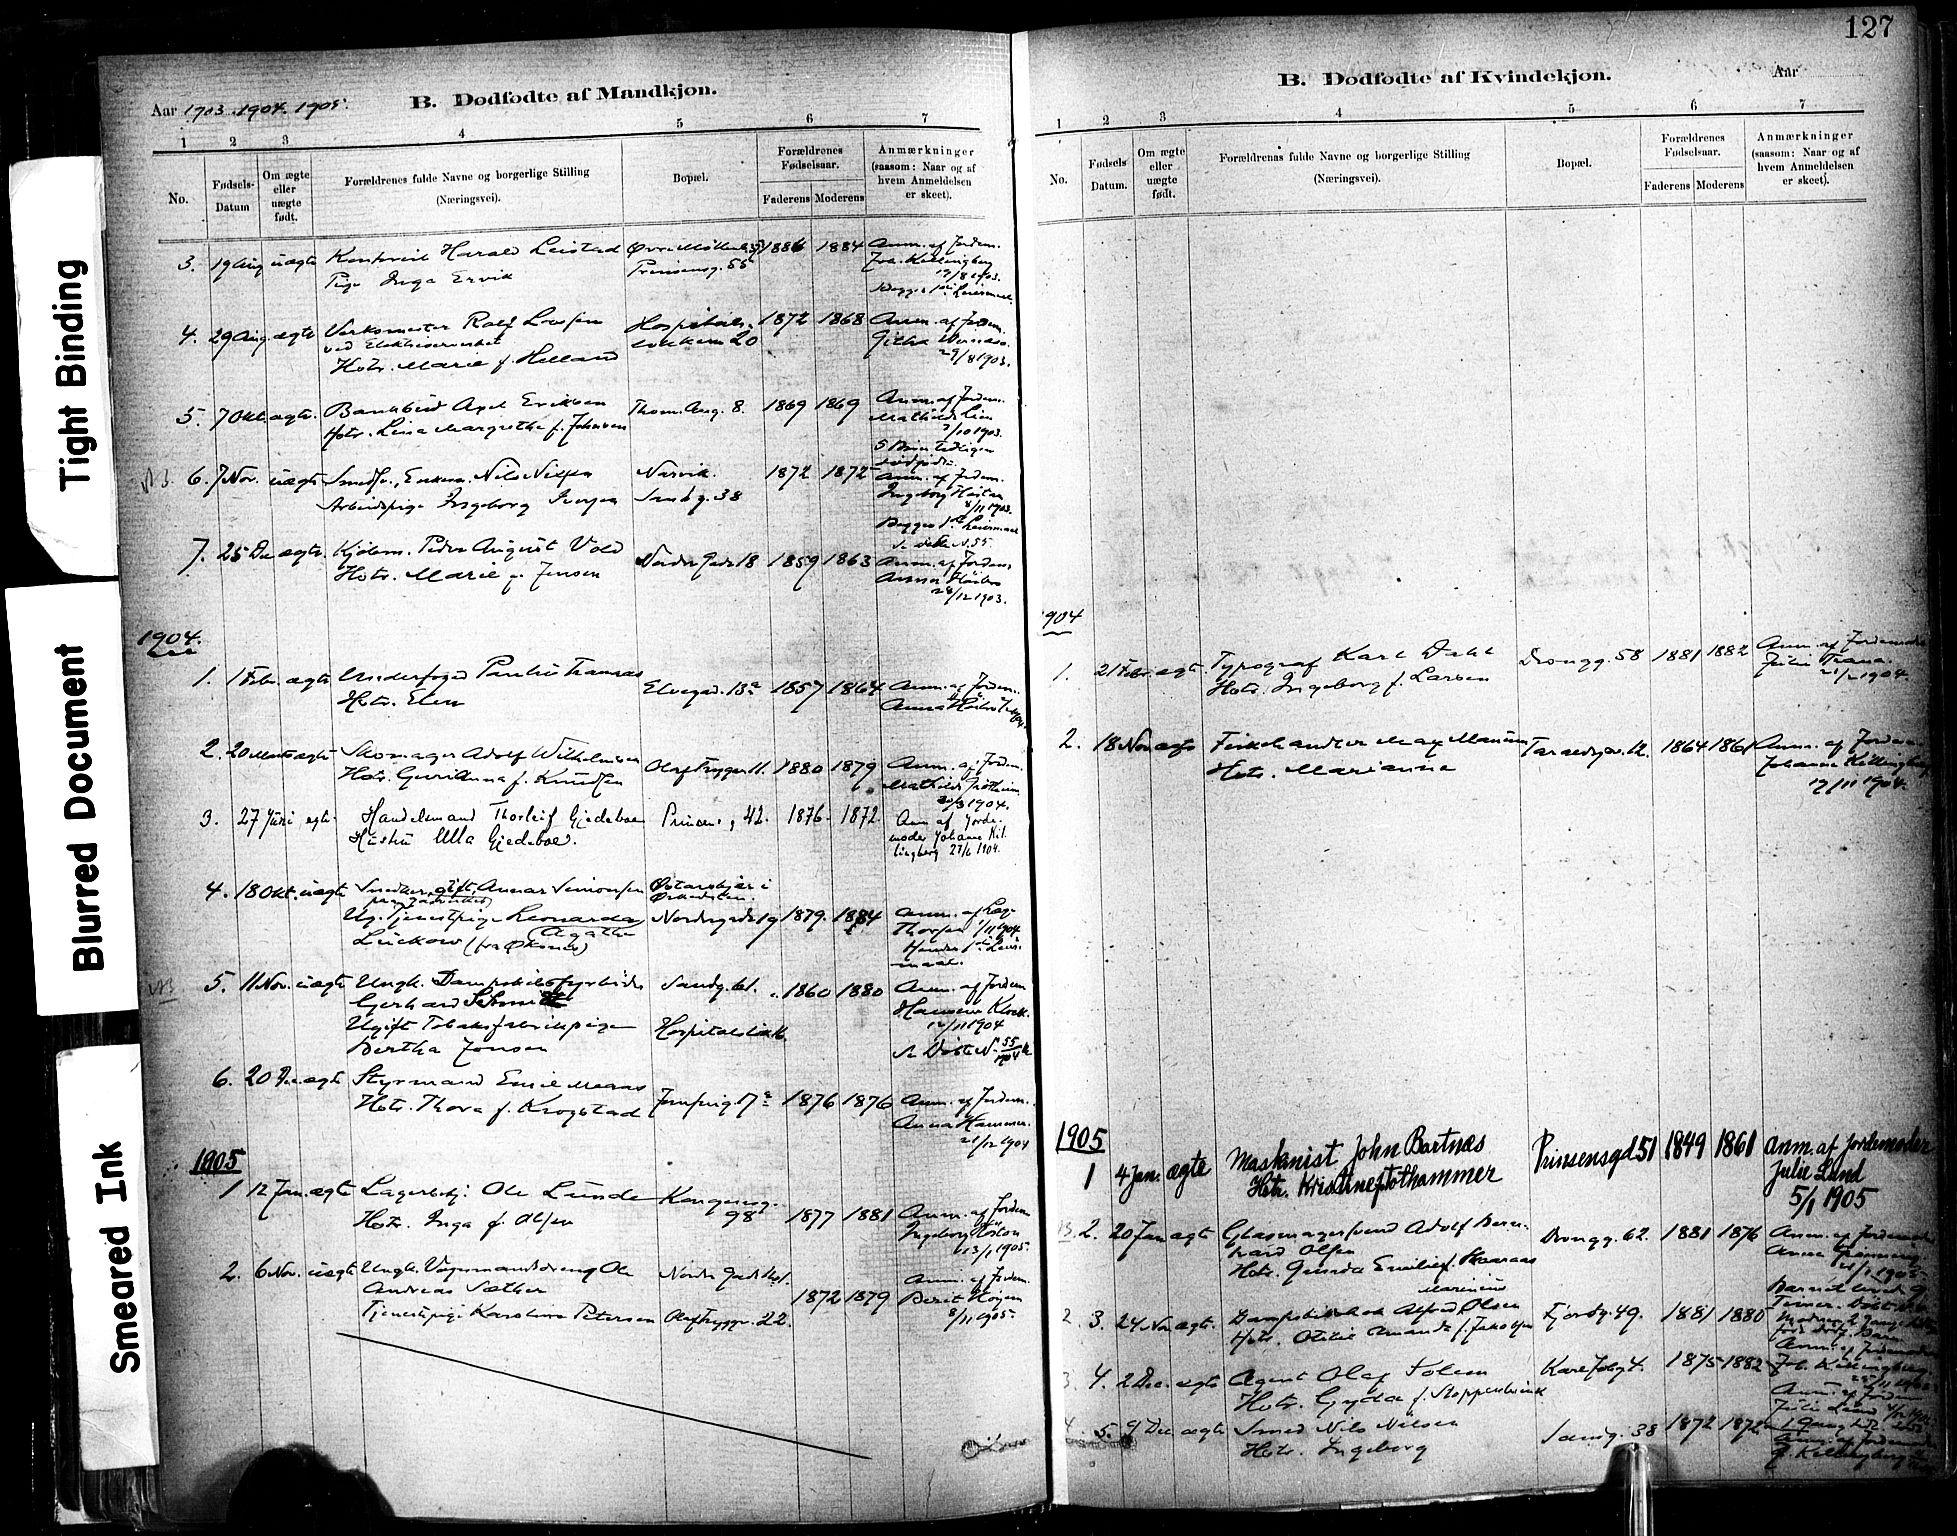 SAT, Ministerialprotokoller, klokkerbøker og fødselsregistre - Sør-Trøndelag, 602/L0119: Ministerialbok nr. 602A17, 1880-1901, s. 127